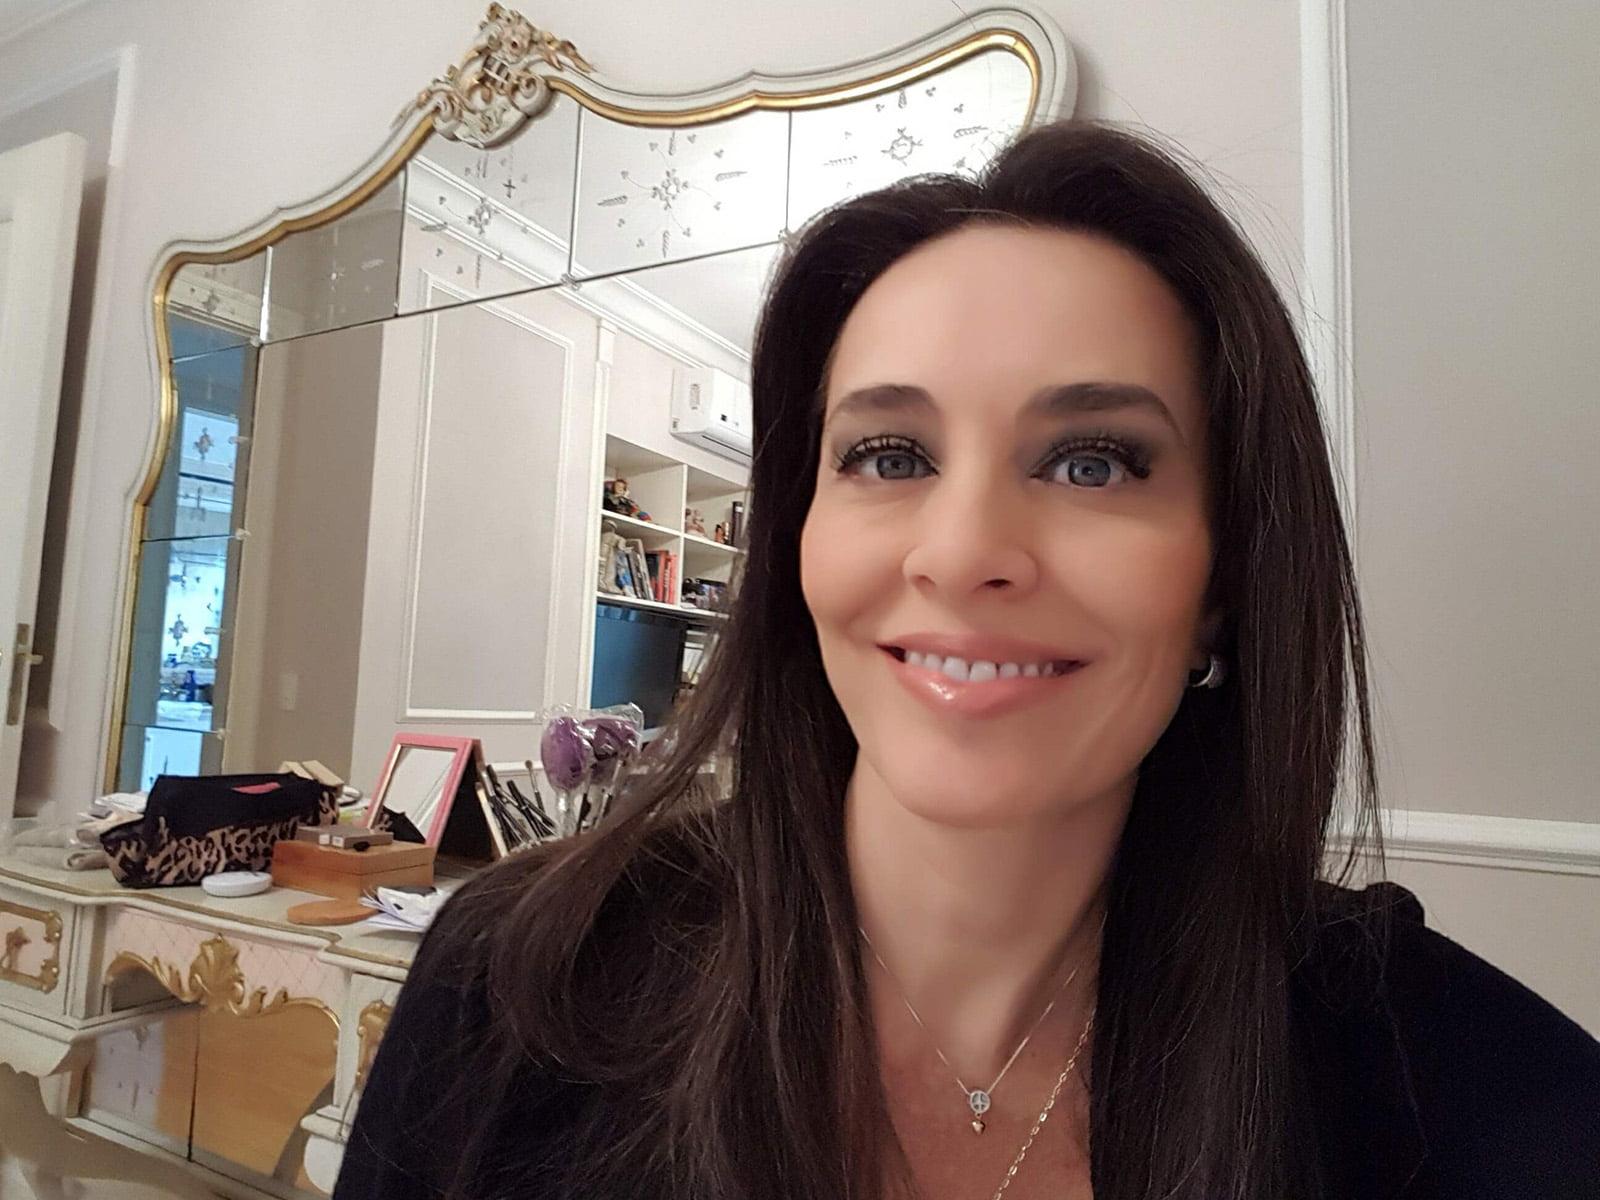 blog-da-carla-vilhena-maquiagem-dia-a-dia-12